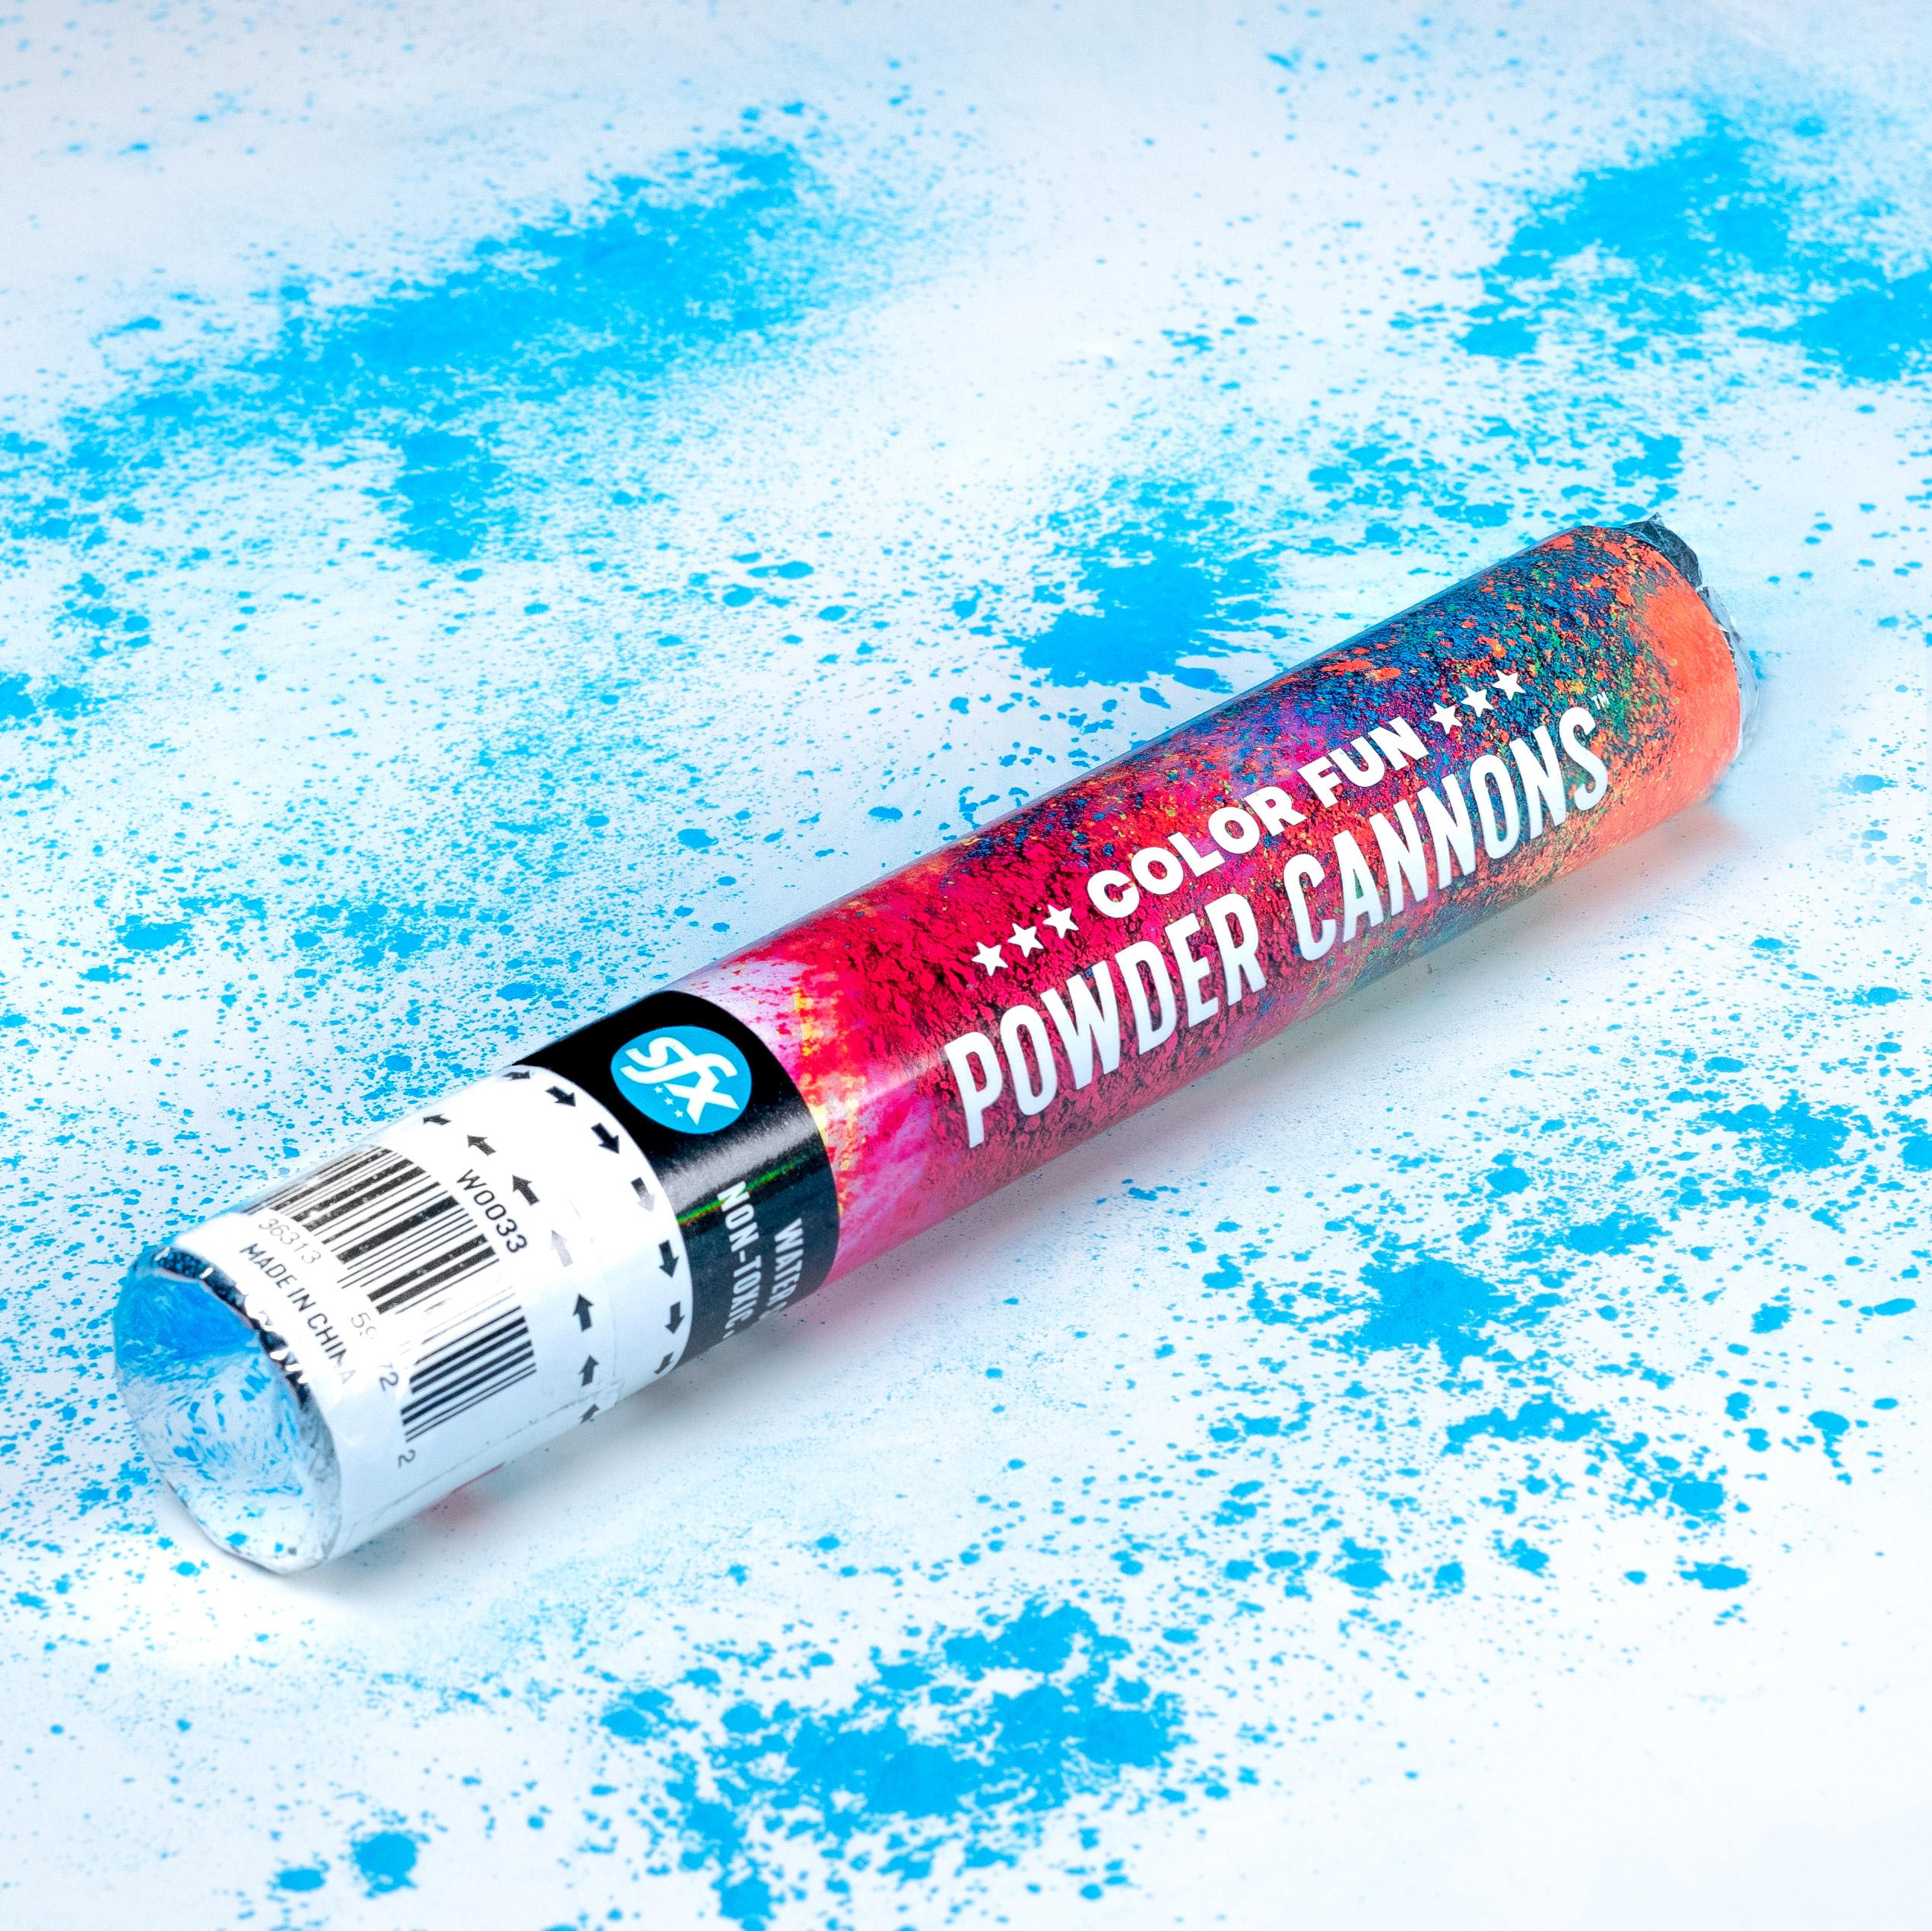 Blue Powder Cannon